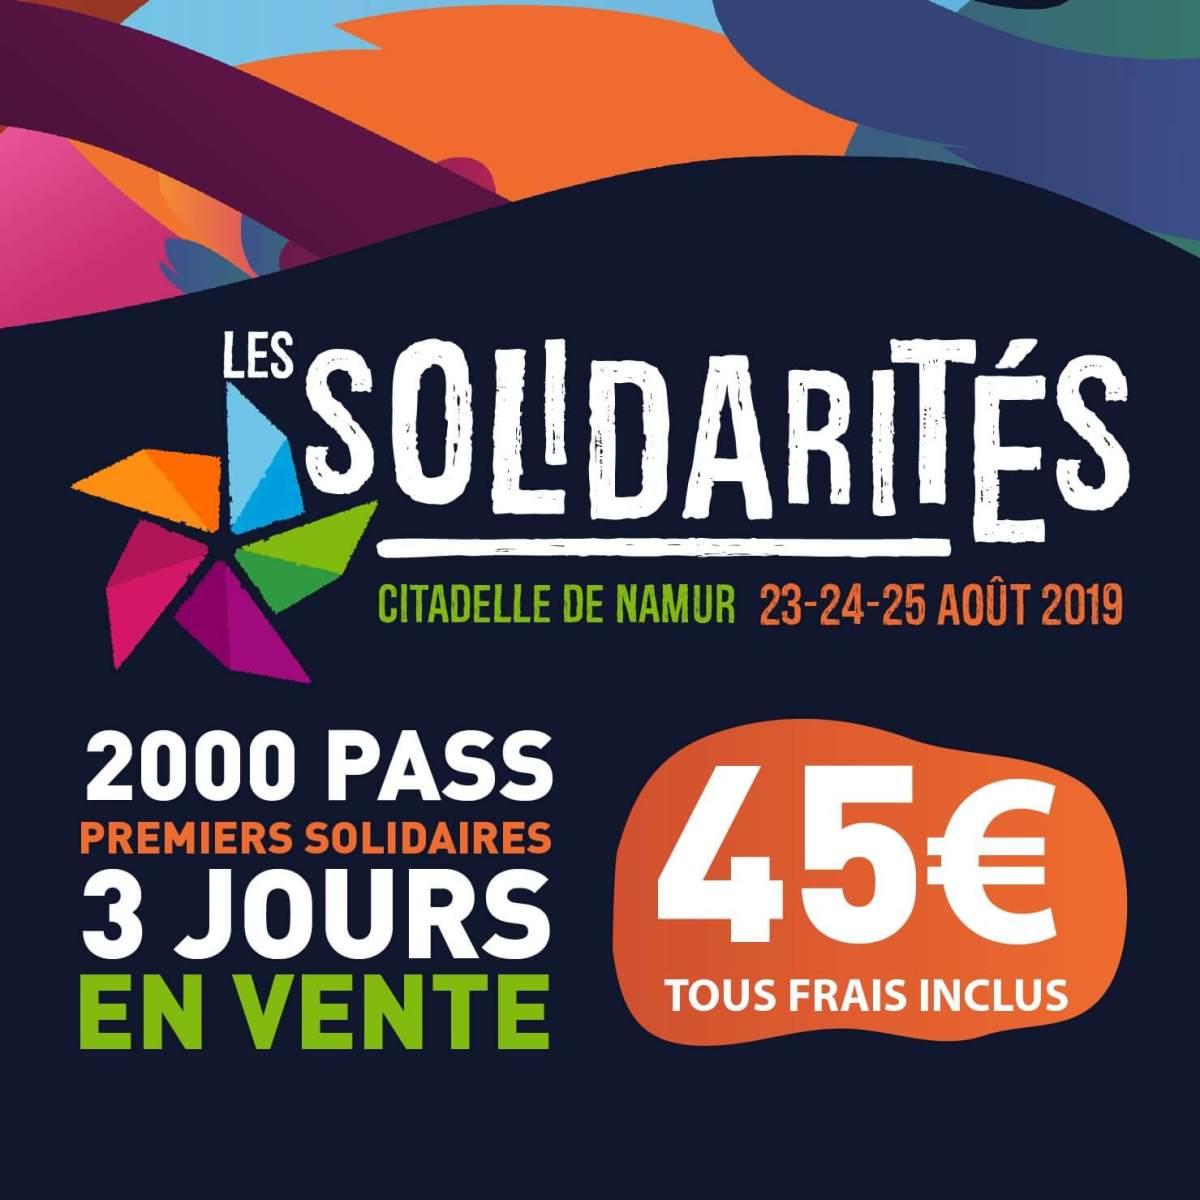 Les Solidarités 2019 à Namur 2000 pass premiers Solidaires disponibles cacestculte